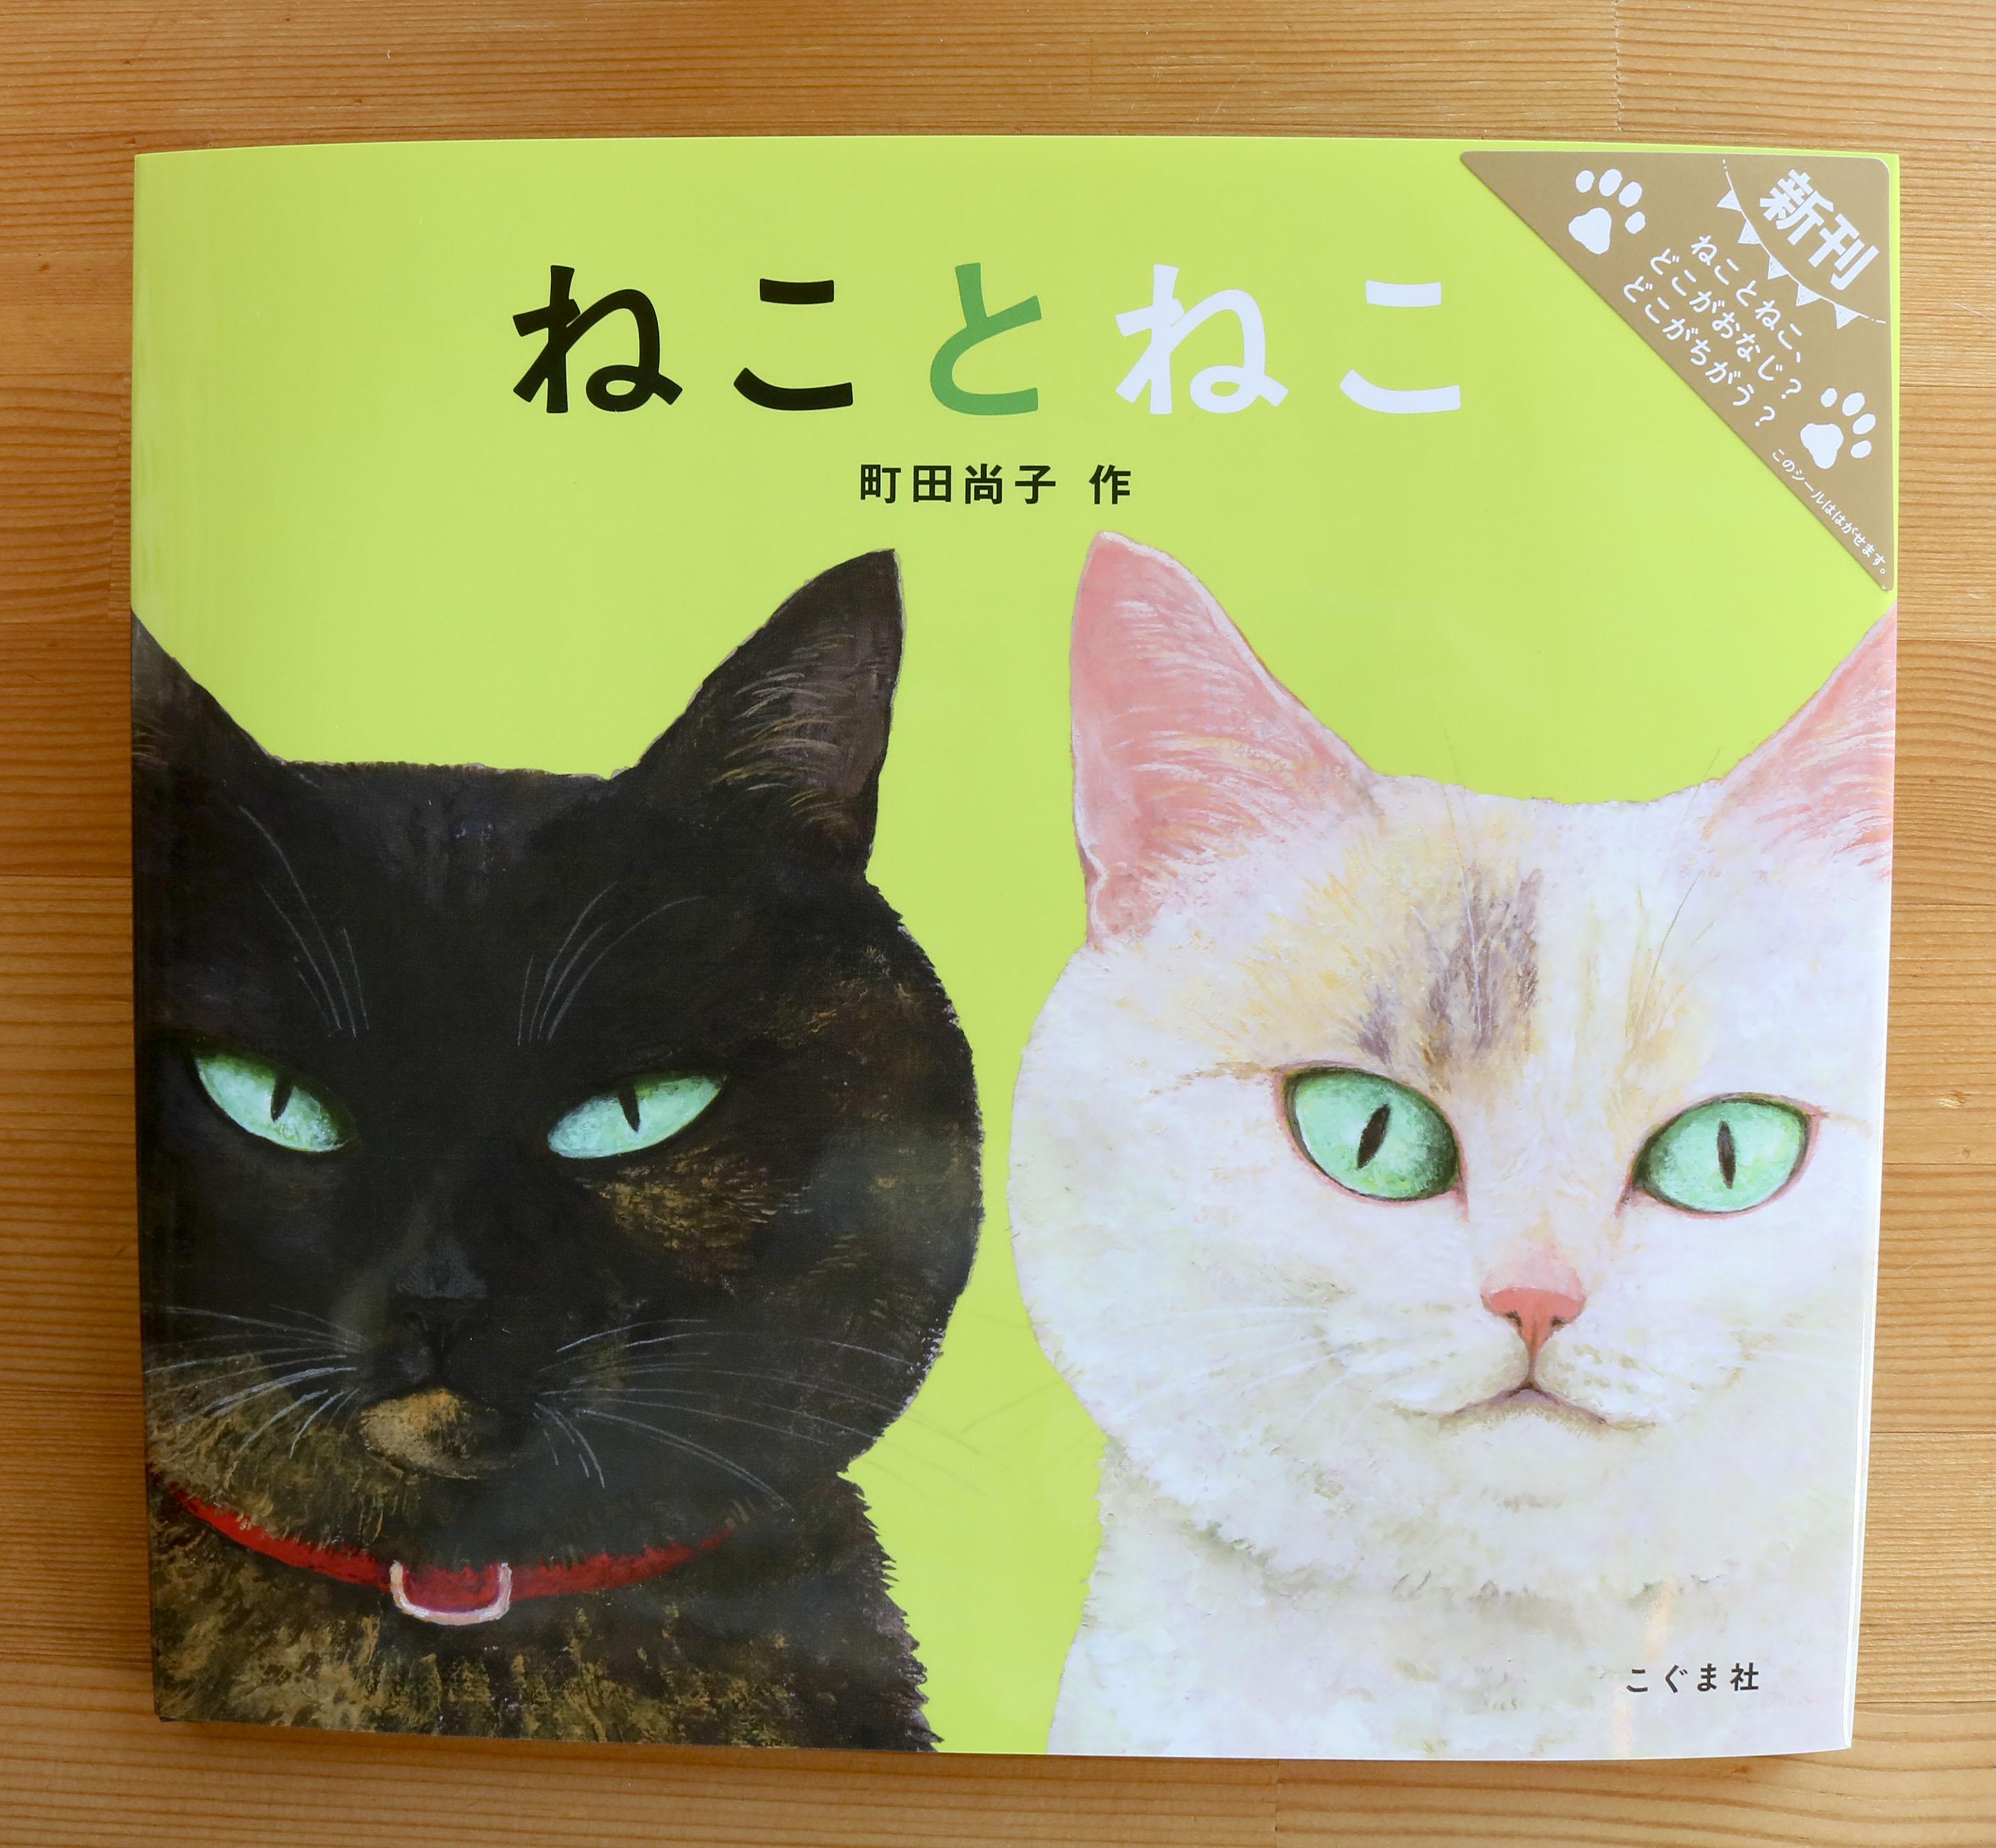 ねことねこ 町田尚子 猫絵本 絵本 かぎしっぽ 秋田